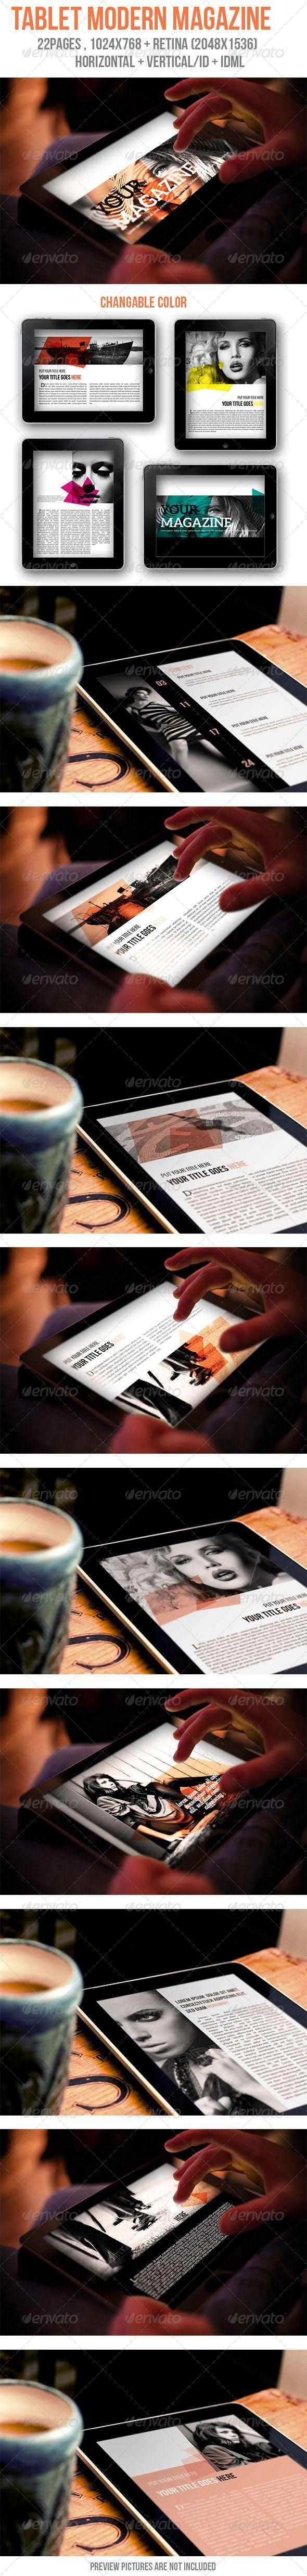 Tablet Modern Magazine - Digital Magazines ePublishing